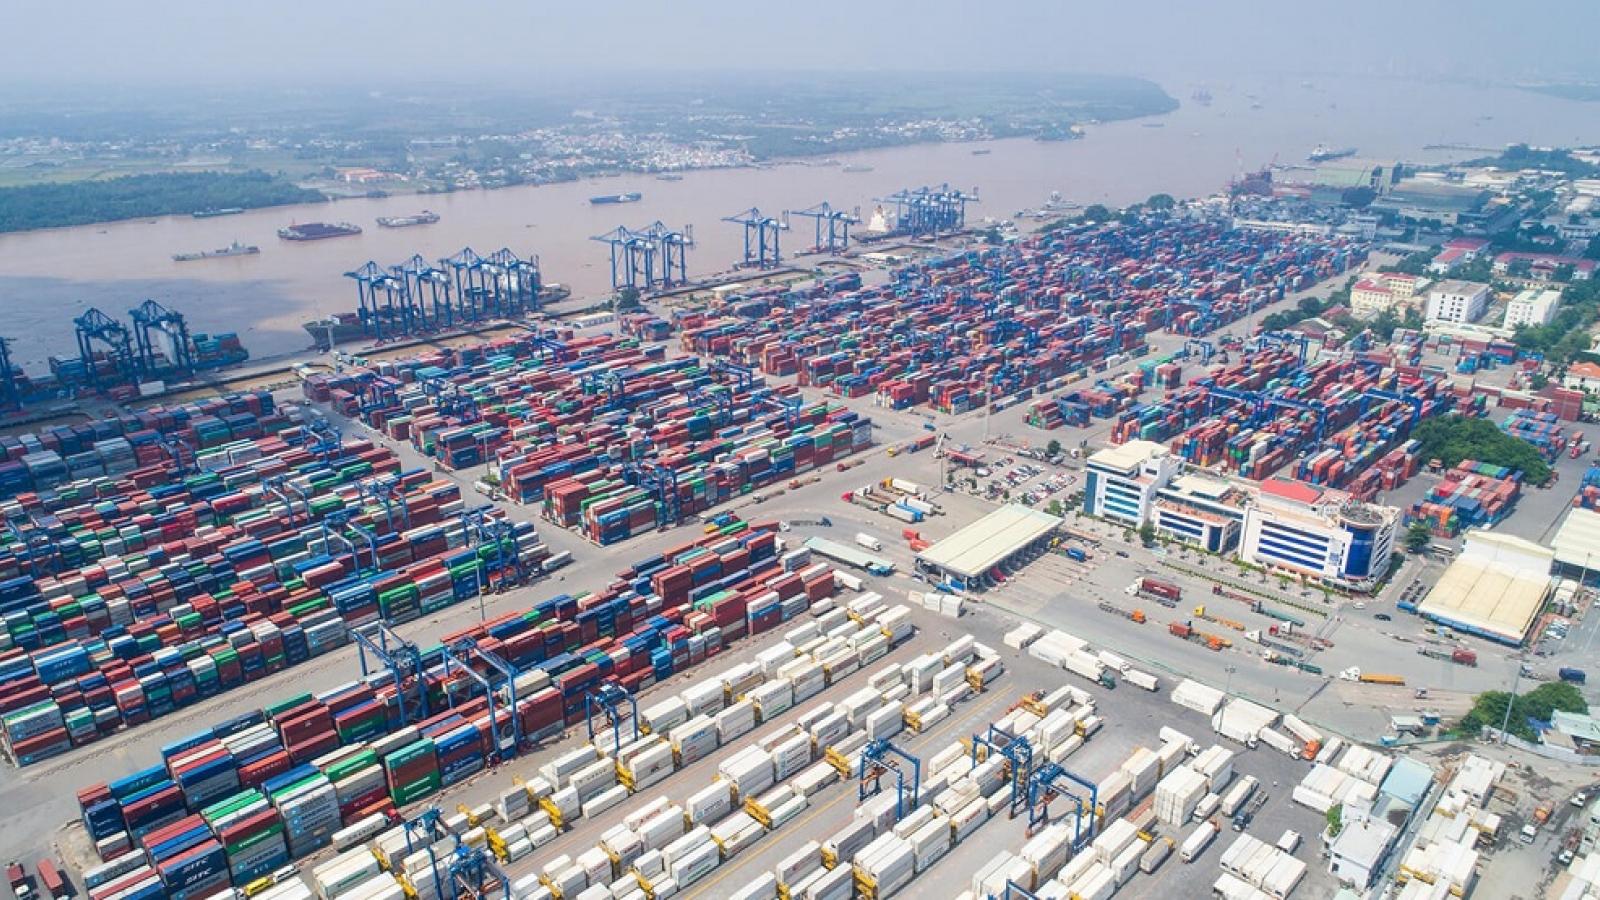 Hàng hóa ùn tắc tại cảng Cát Lái, Bộ Tài chính đề nghị Bộ GTVT phối hợp giải quyết